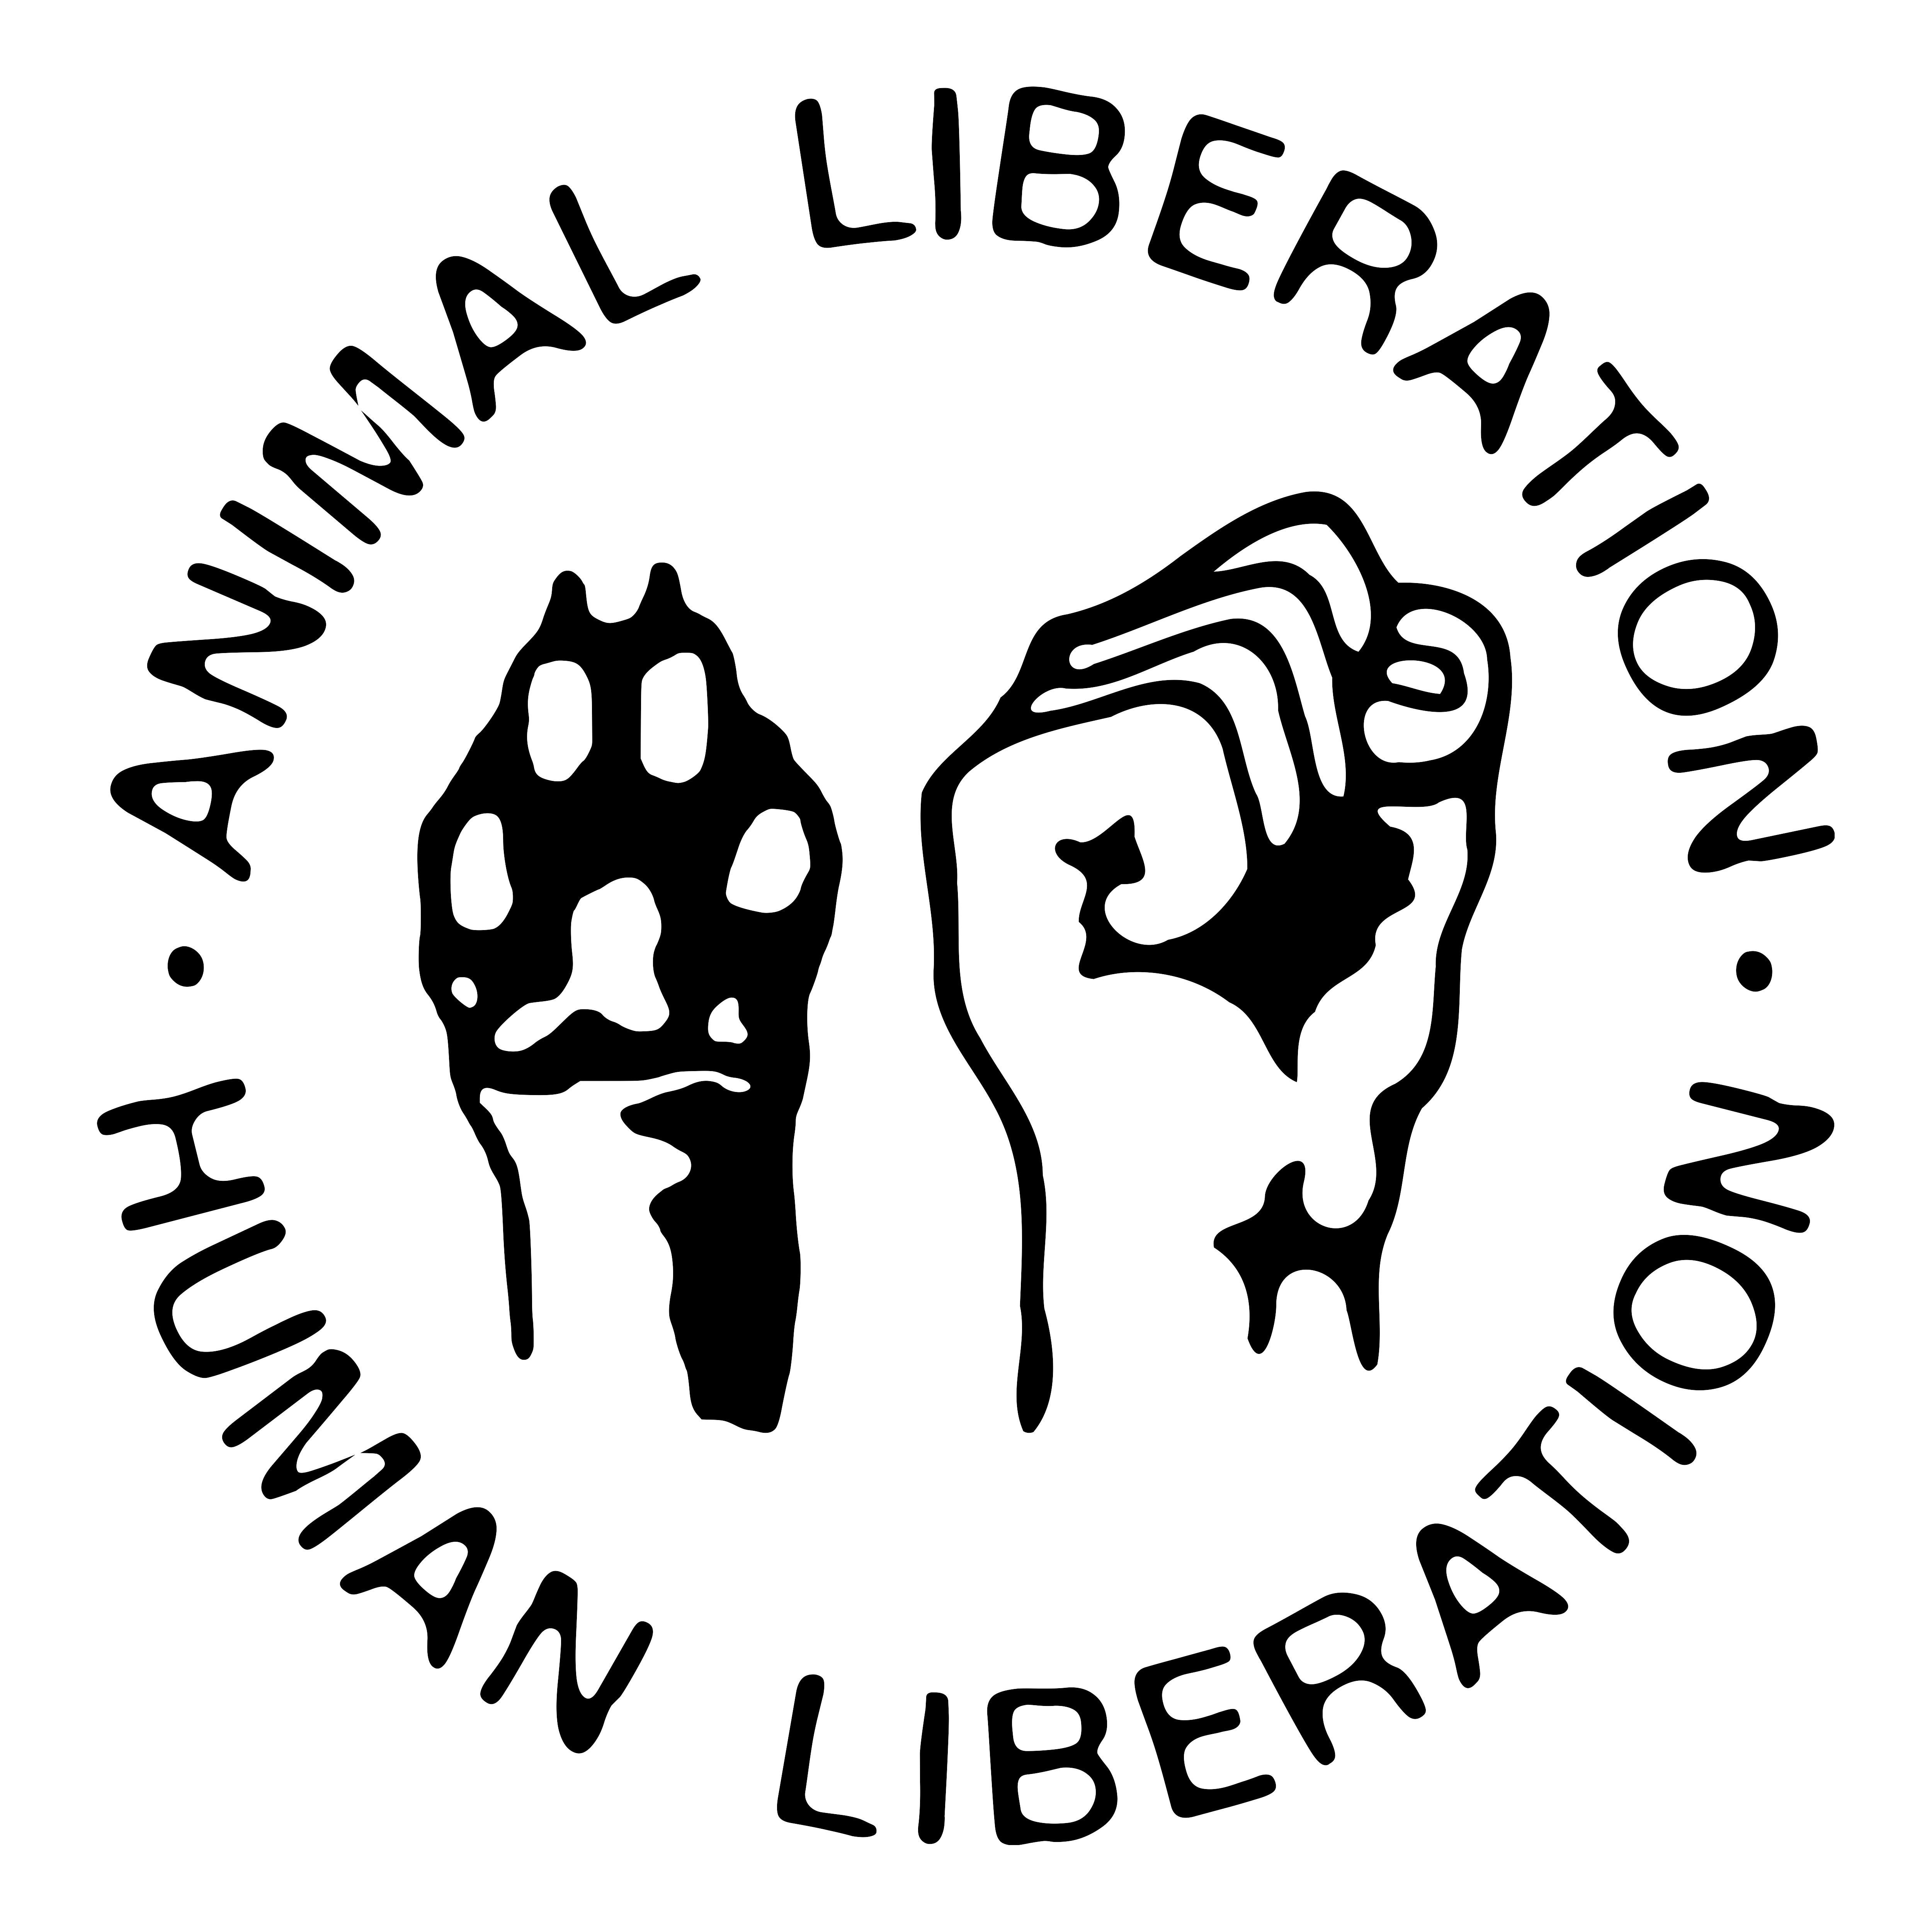 Vegan Symbol Emojis Copyright Free Clipart Copypaste